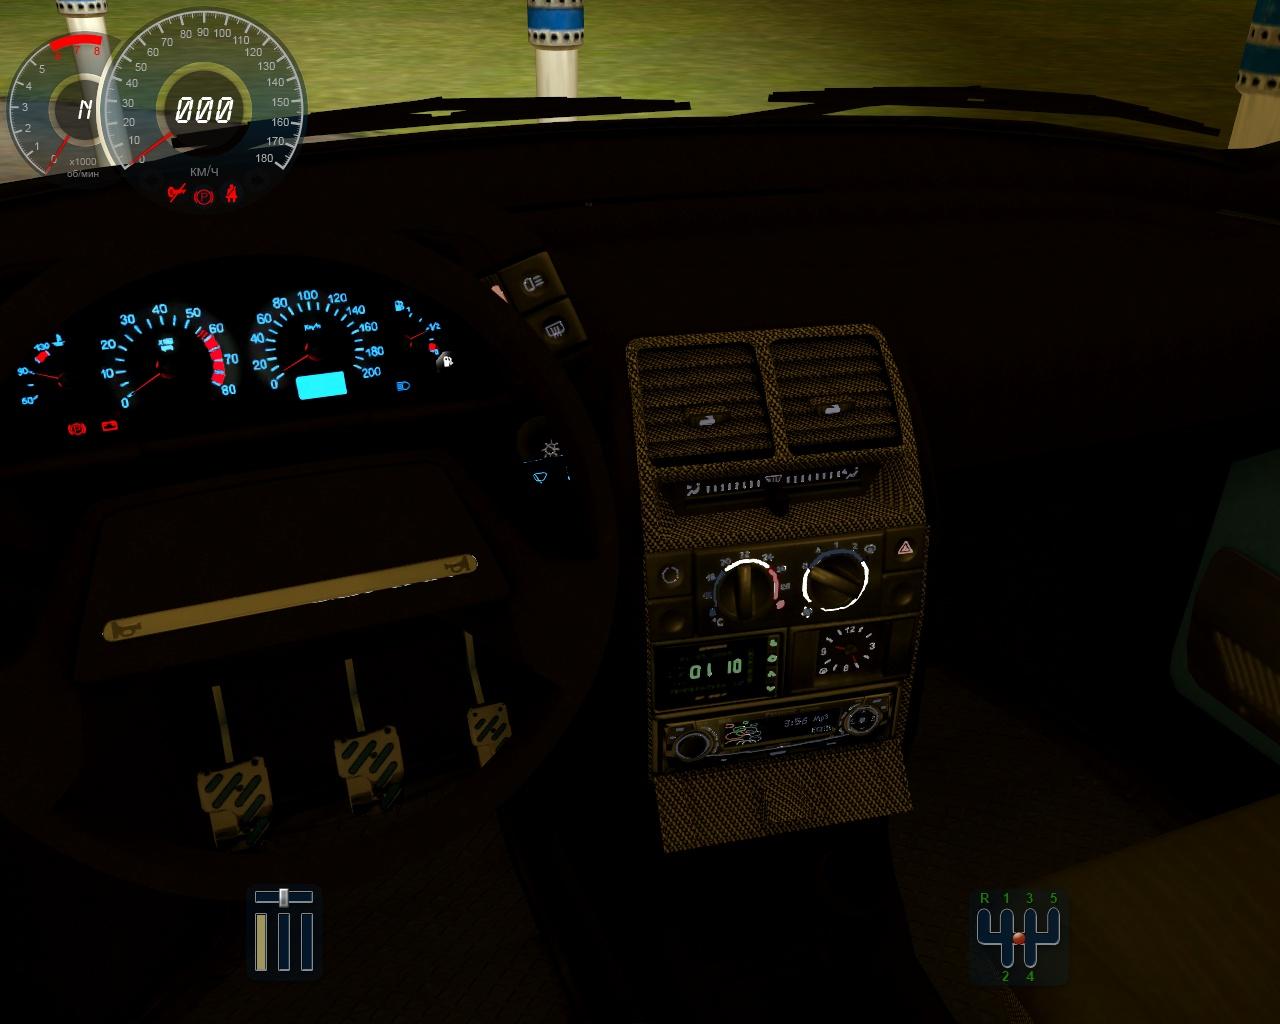 Фото №25 - значение кнопок на панели ВАЗ 2110